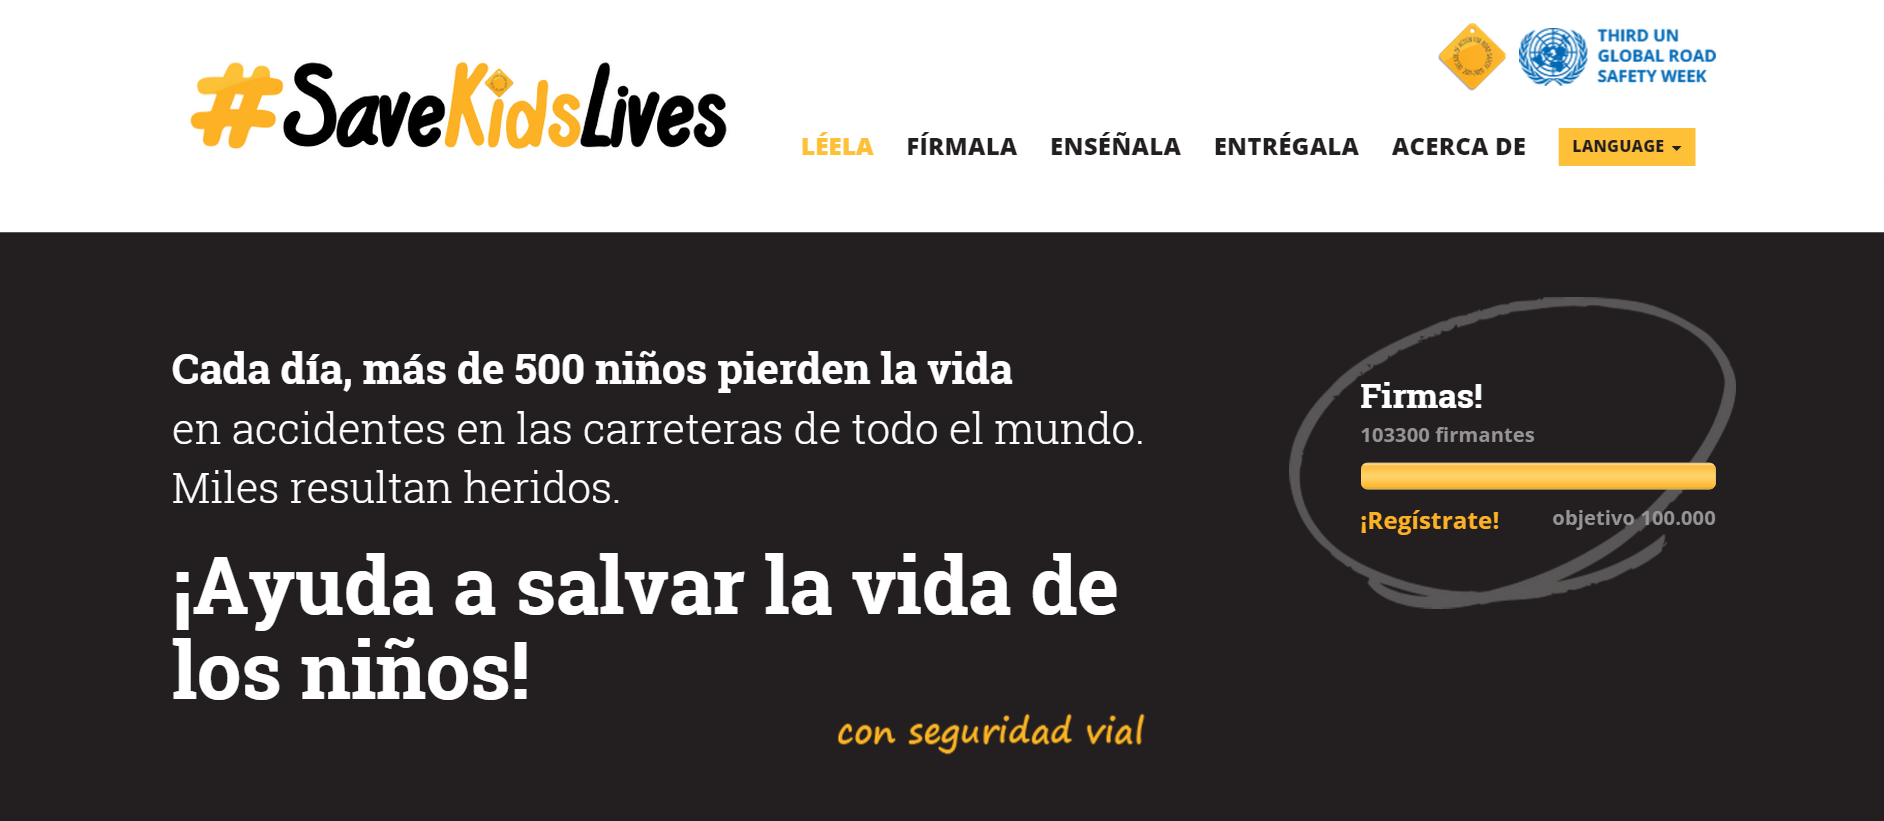 Fundtrafic y Asociación DIA se suman a la campaña #SaveKidsLives en la III Semana Mundial para la Seguridad Vial